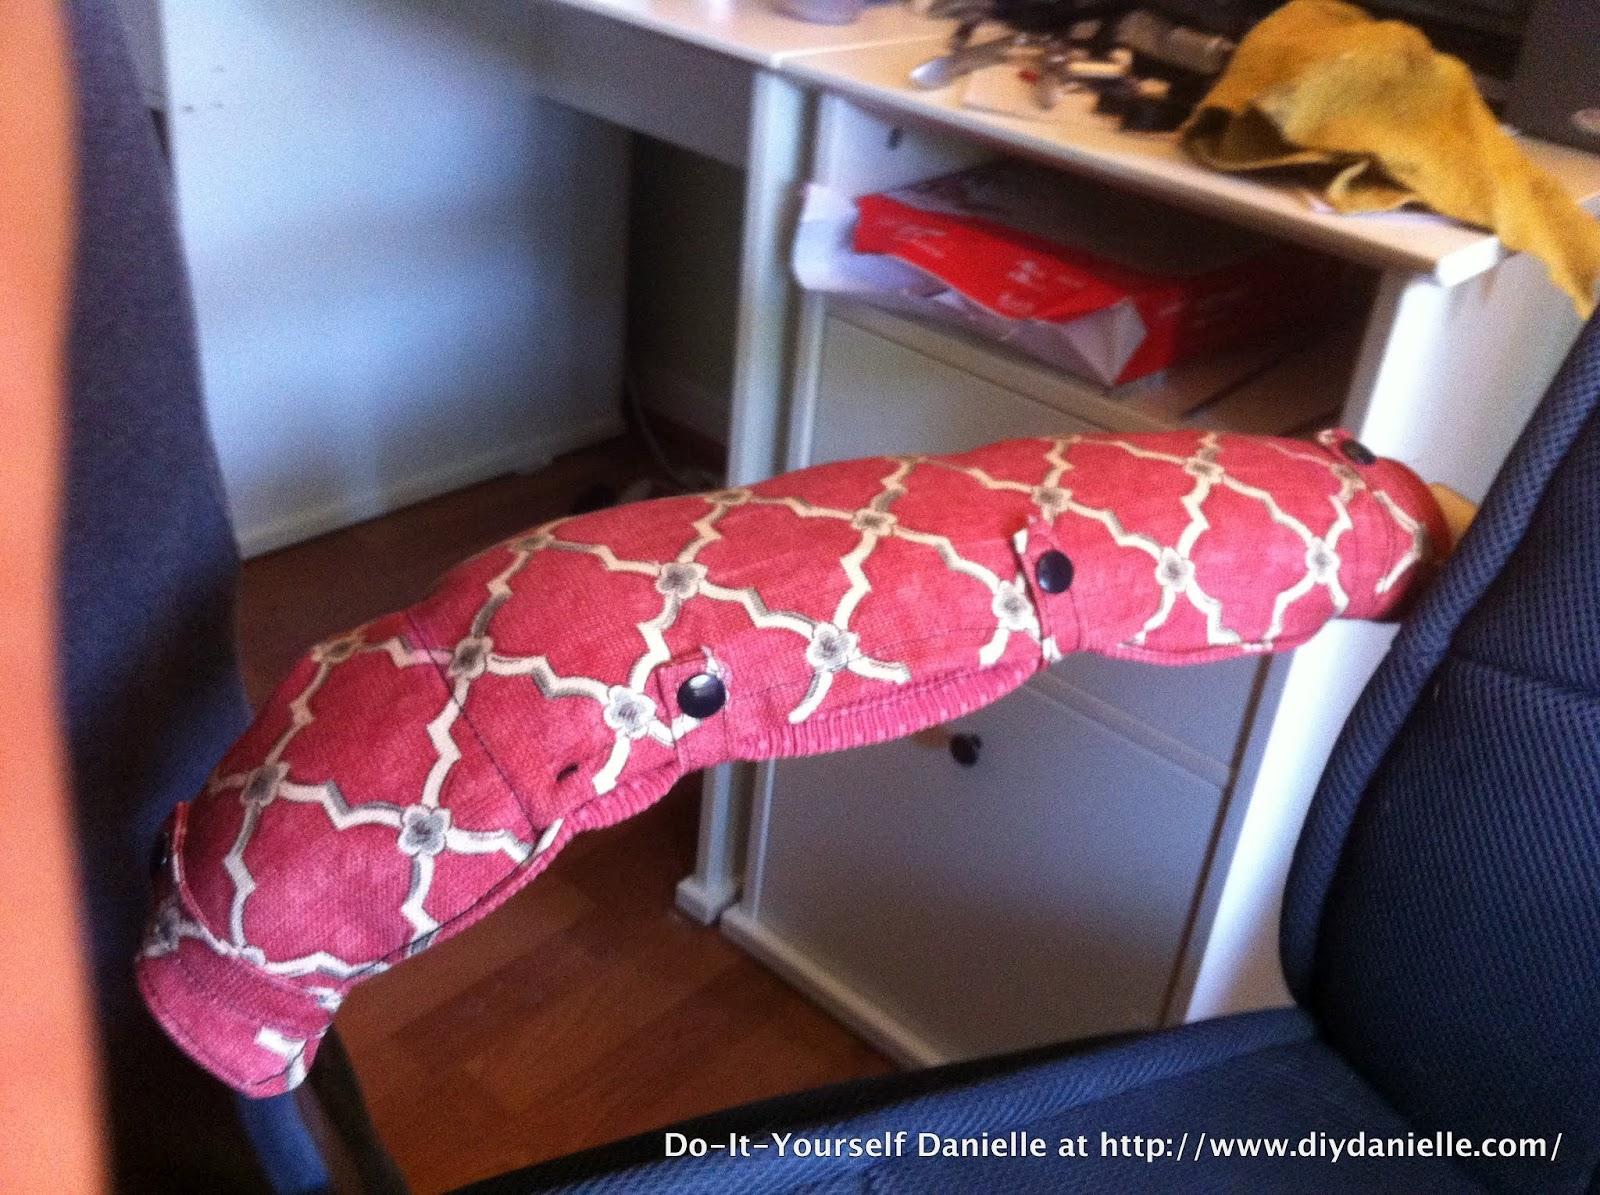 Diy Chair Arm Covers Diy Danielle